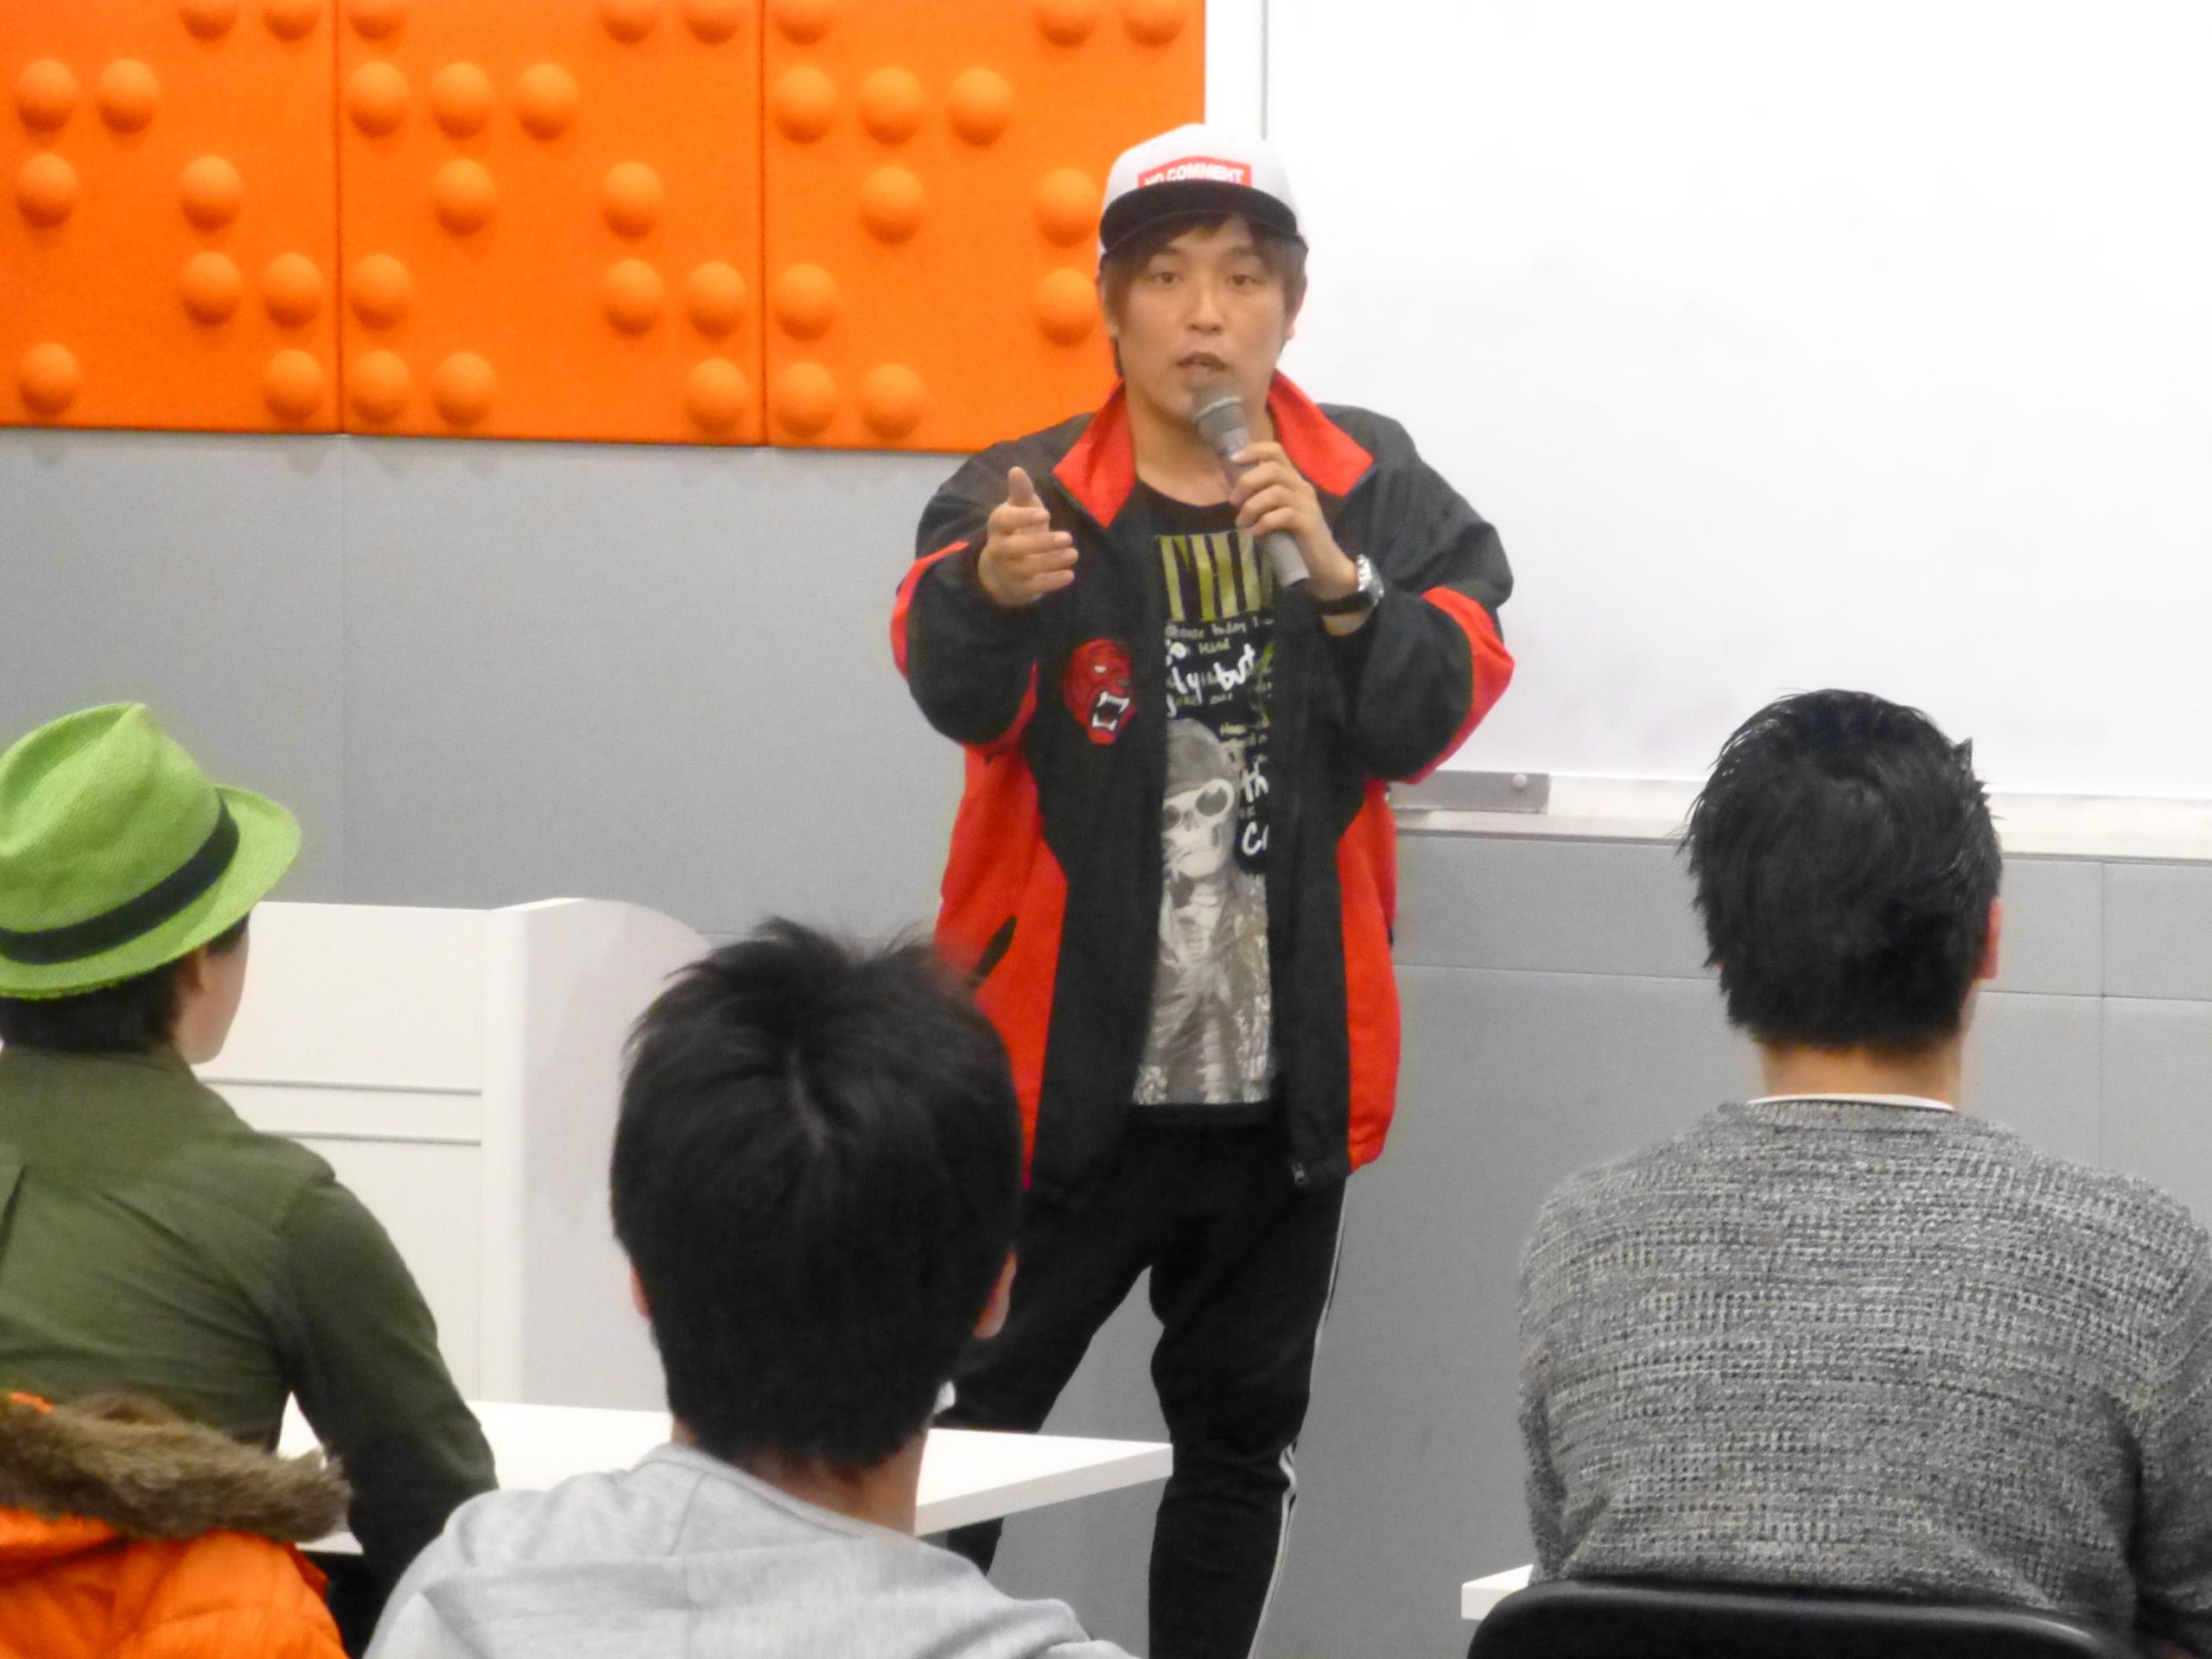 【渋谷校】パチスロ必勝本ライター「くりさん」の無料特別講義を実施しました。